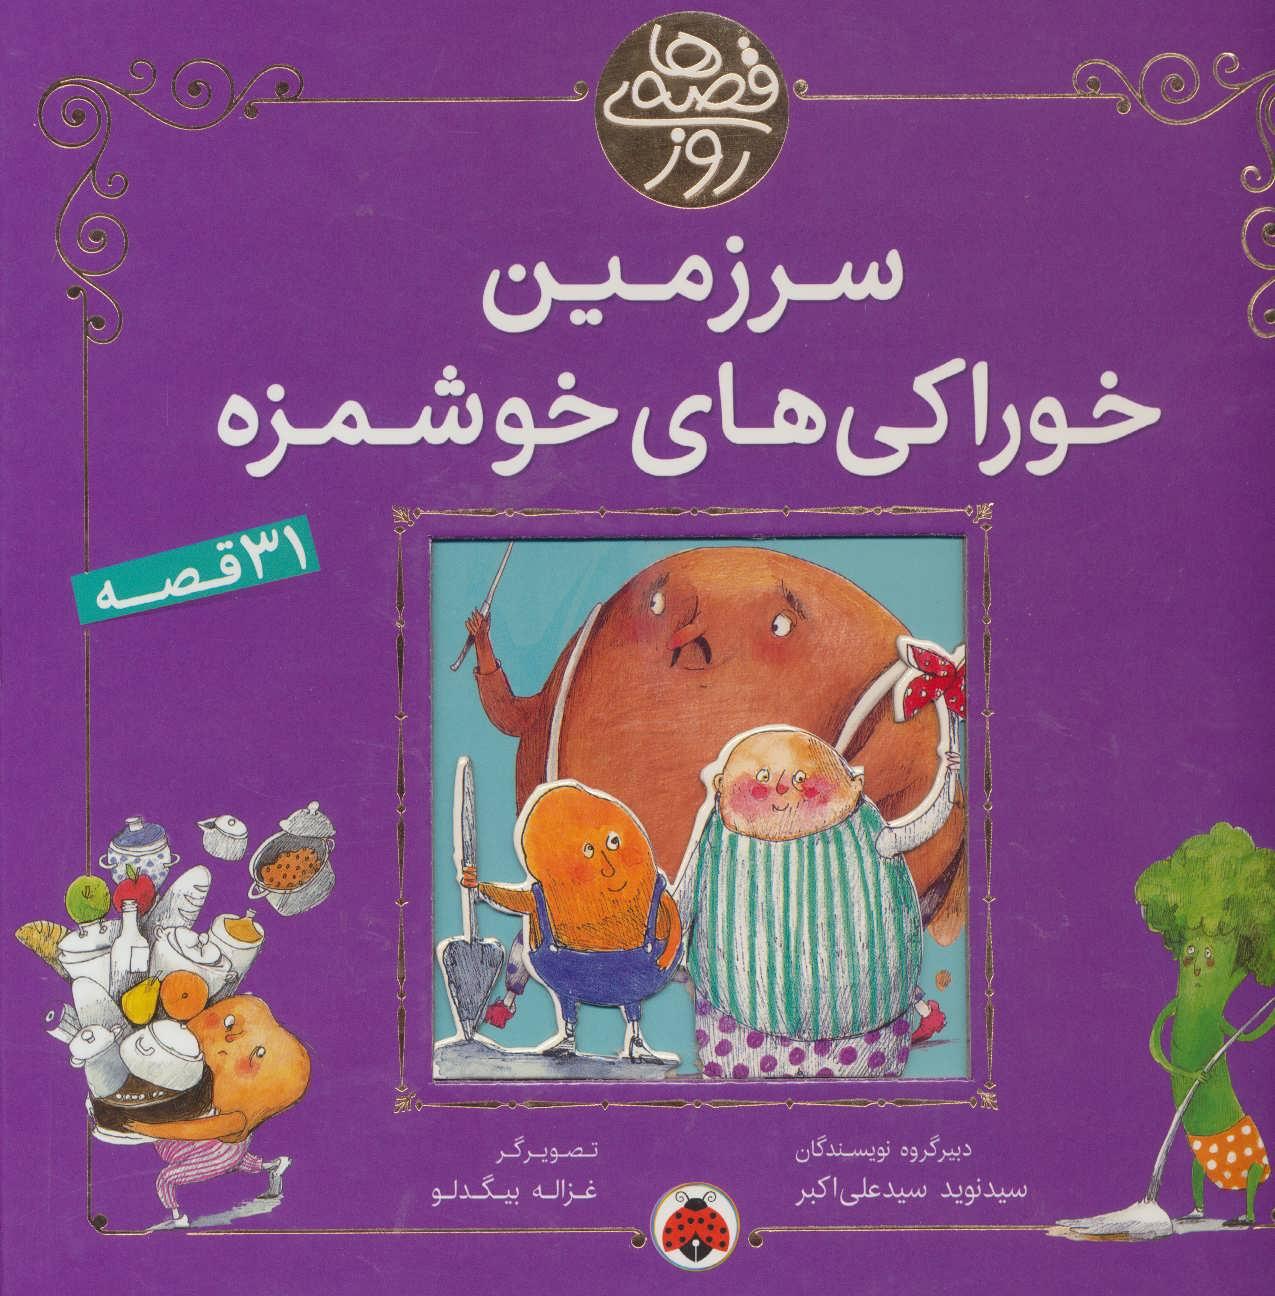 کتاب سرزمین خوراکی های خوشمزه